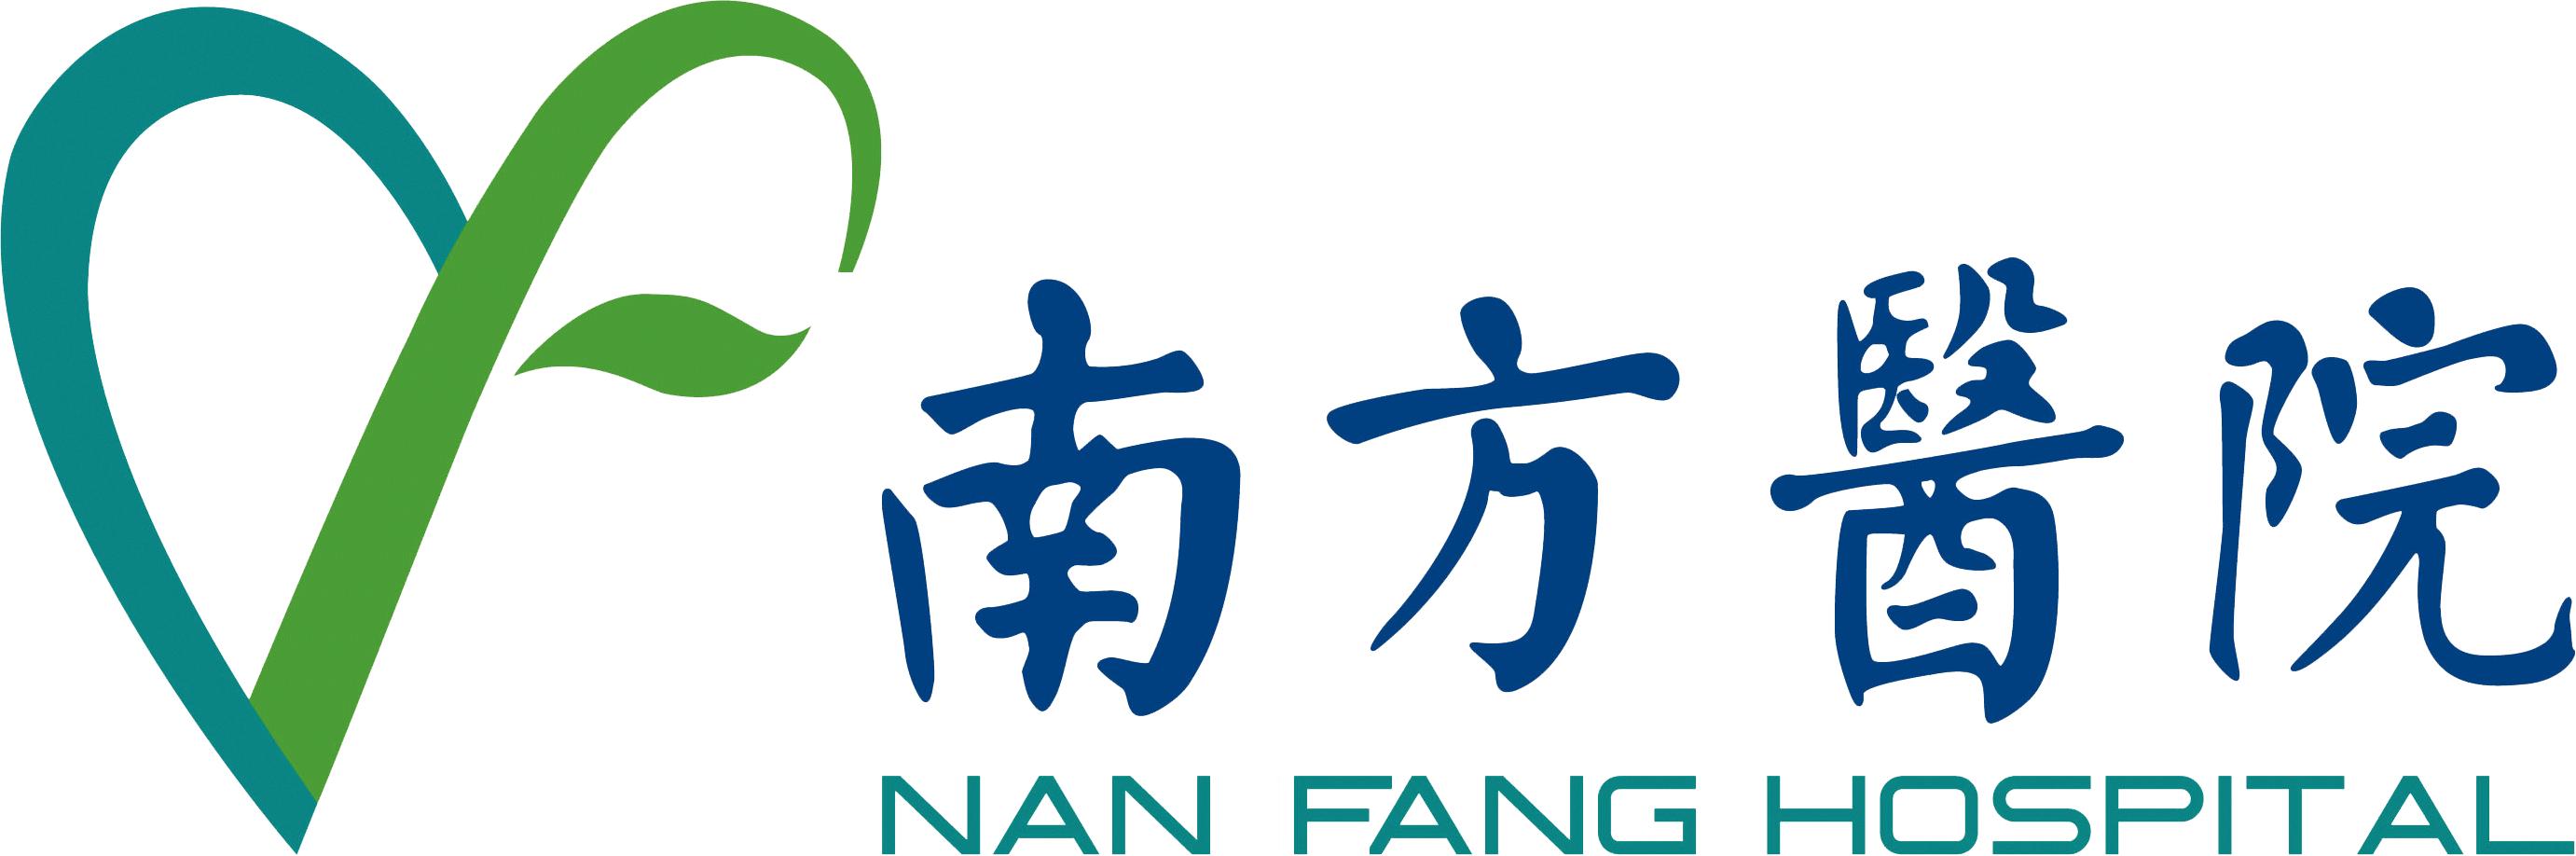 南方医院logo